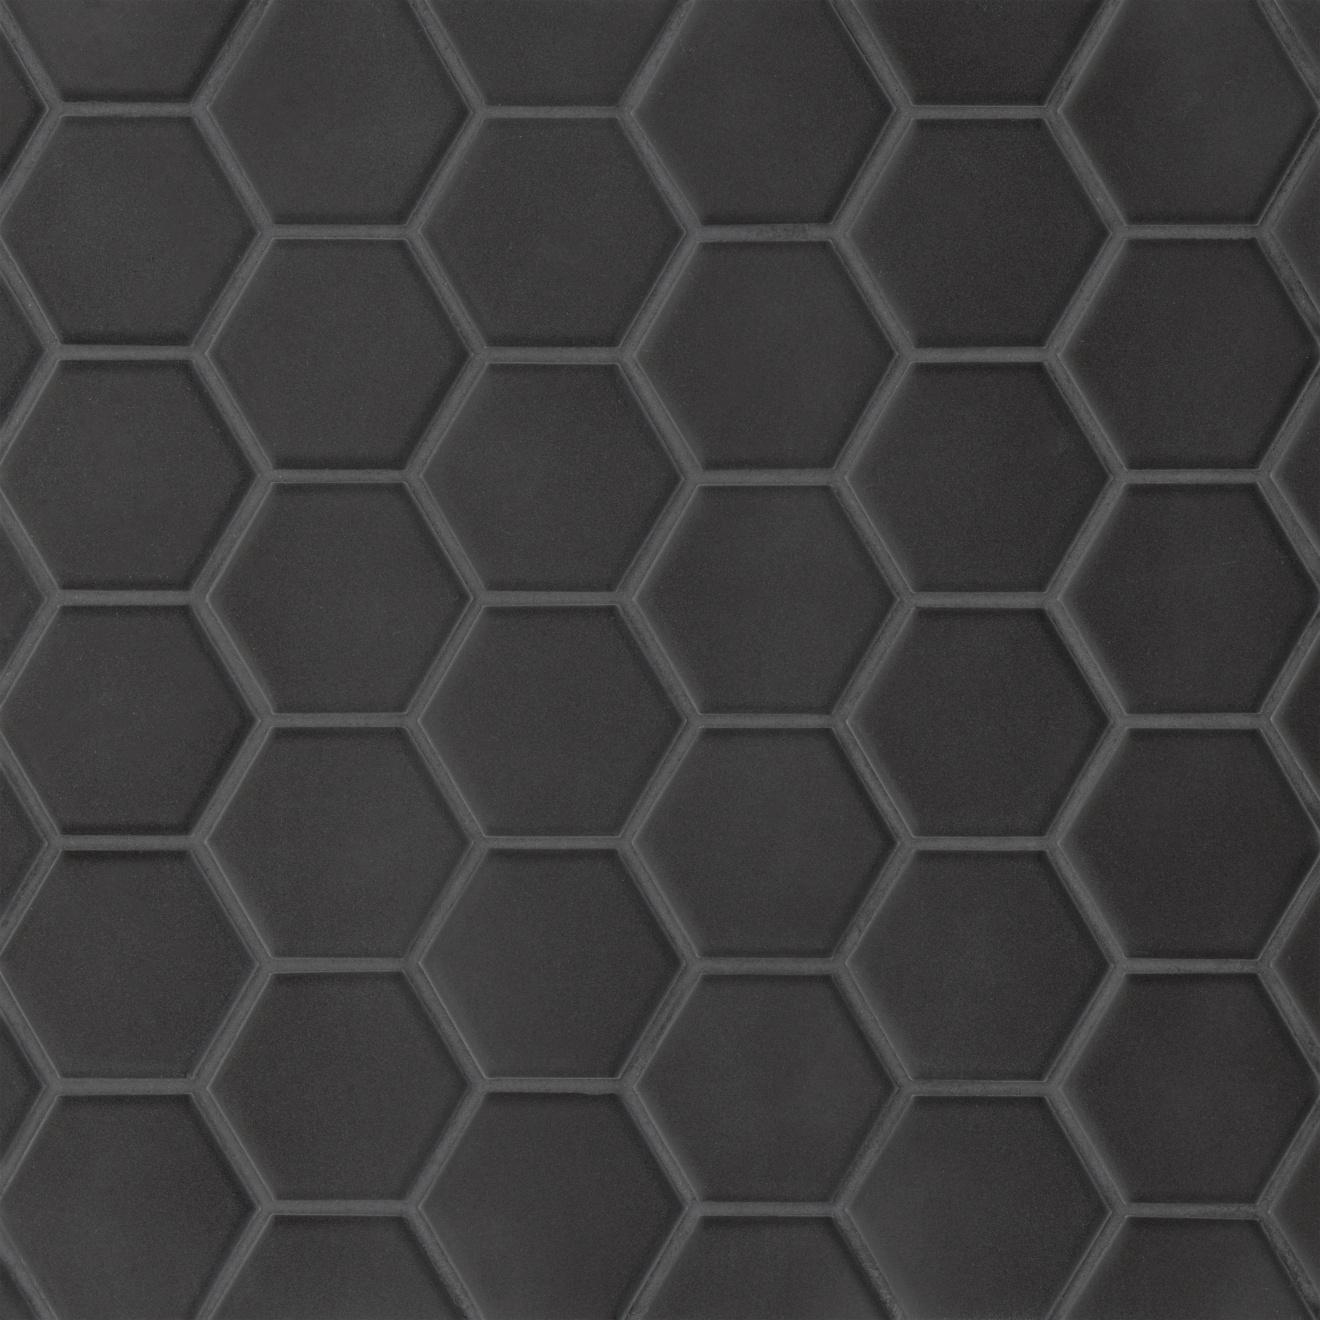 Le Cafe 2 X 2 Hexagon Matte Porcelain Mosaic Tile In Black Bedrosians Tile Stone